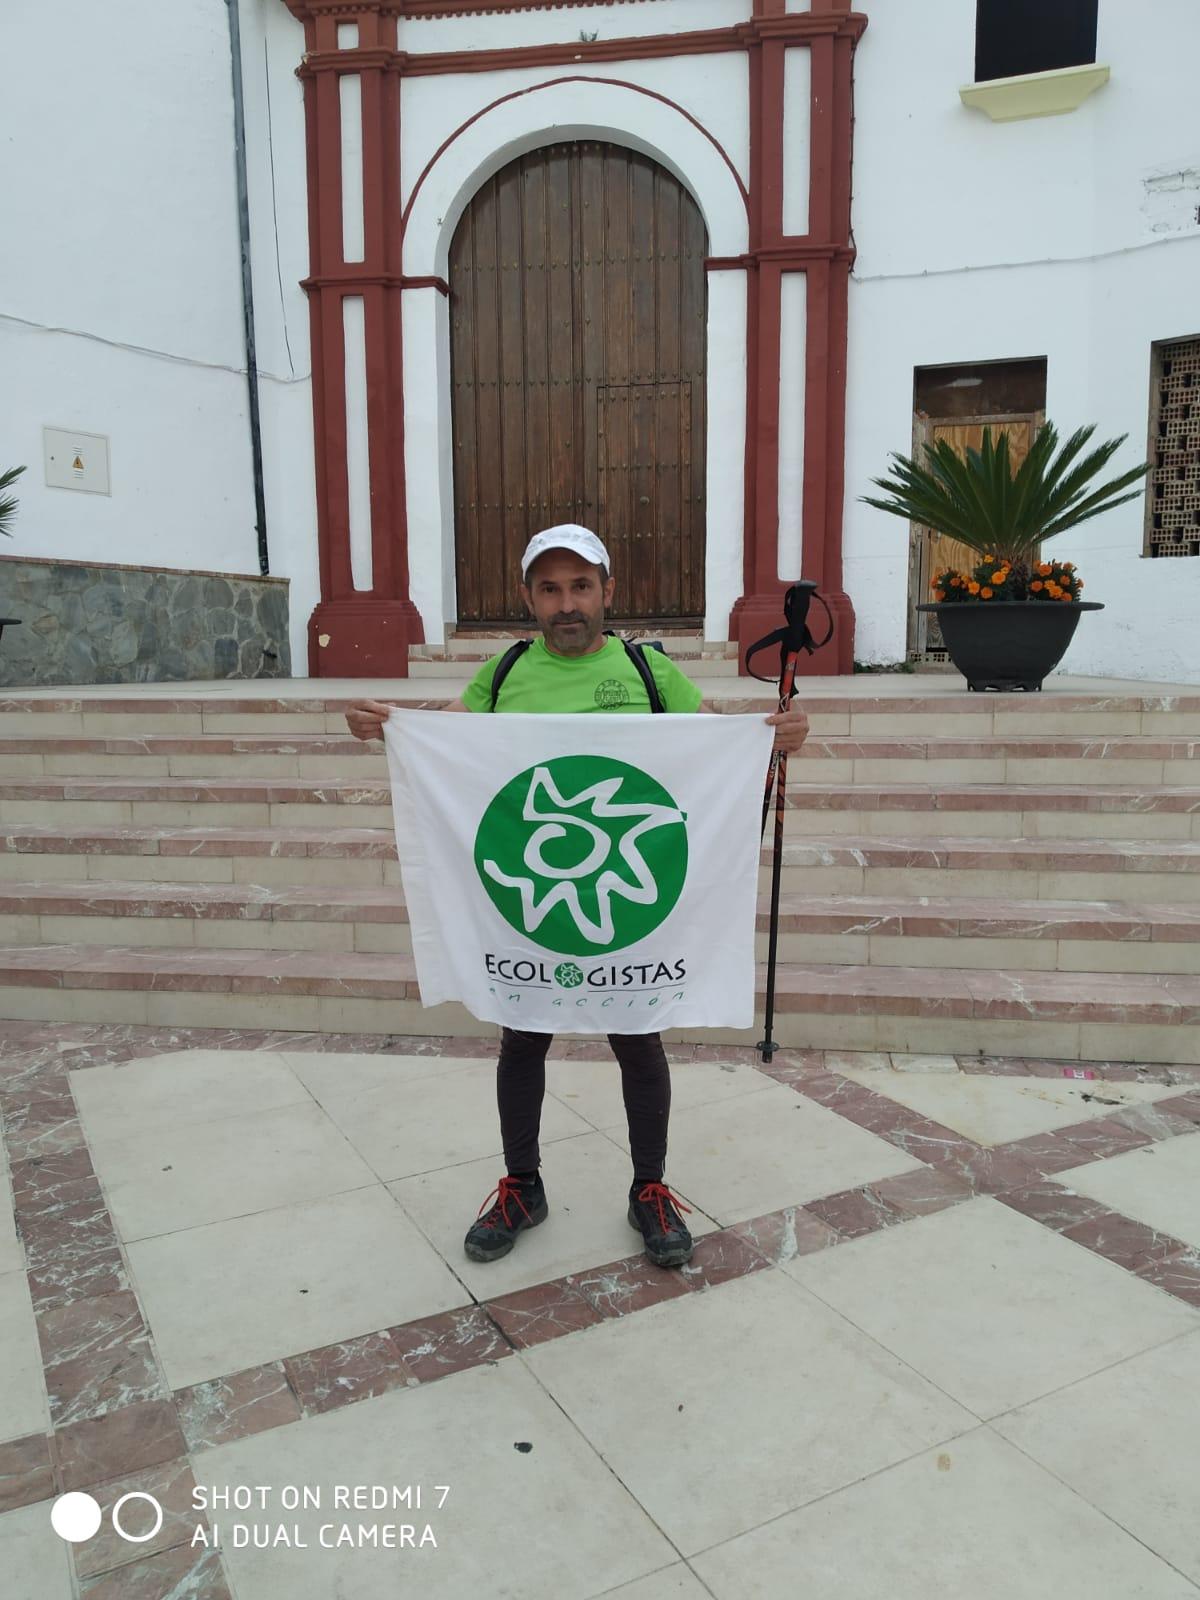 Viernes 1/11 - 17:53. Fin de la etapa Genalguacil - Benaoján, 43km